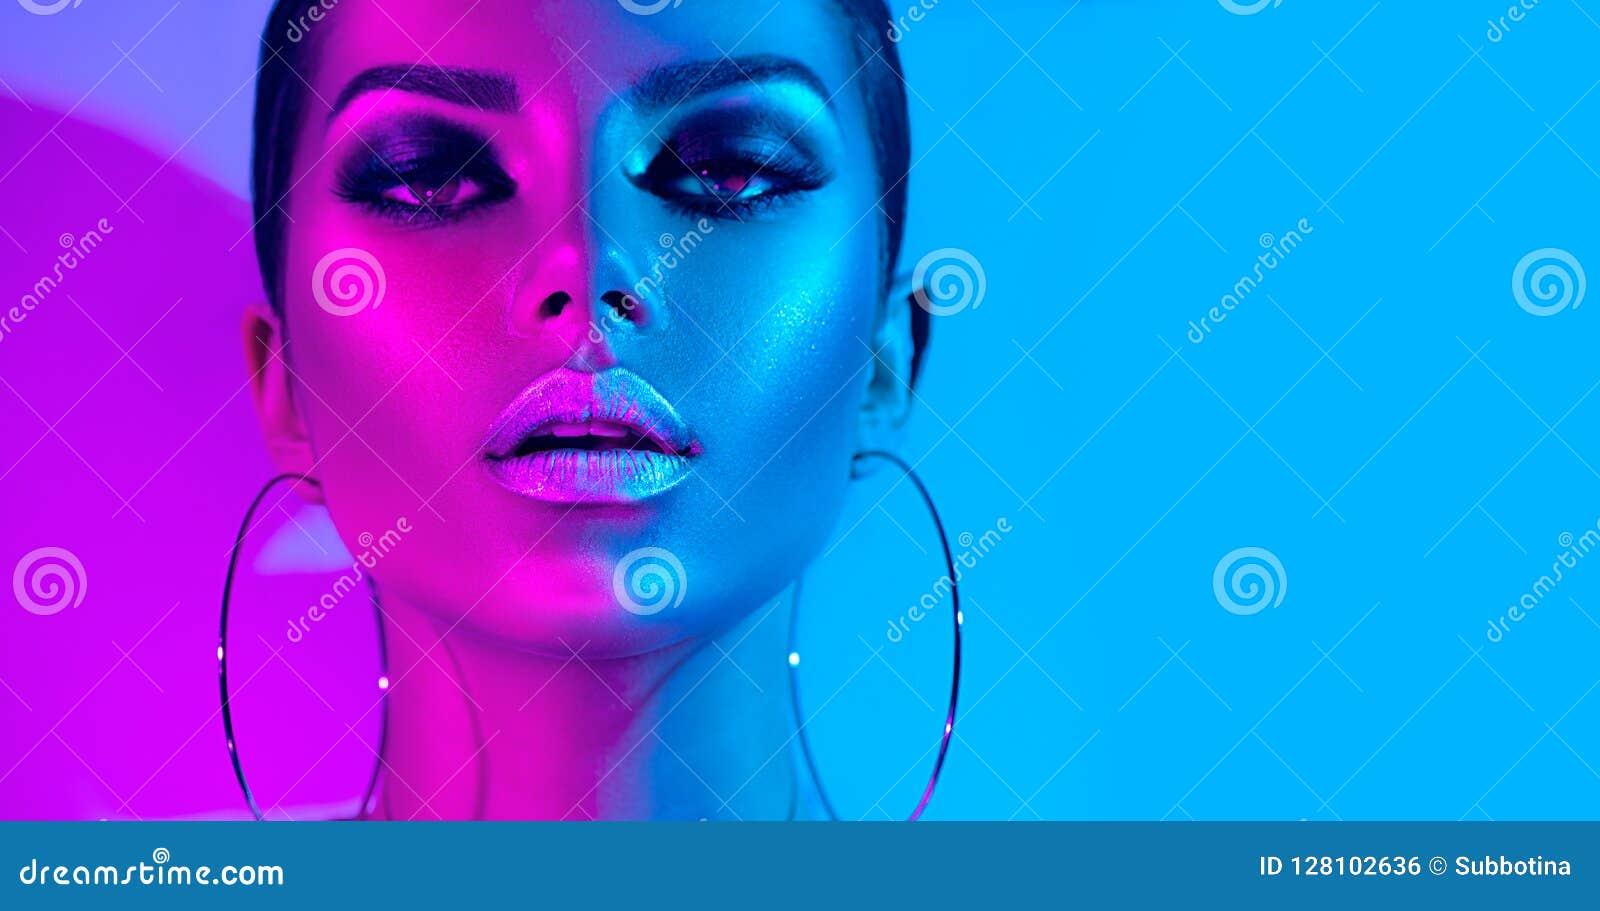 摆在演播室的五颜六色的明亮的霓虹灯的时装模特儿深色的妇女 美丽的性感的女孩,时髦发光的构成